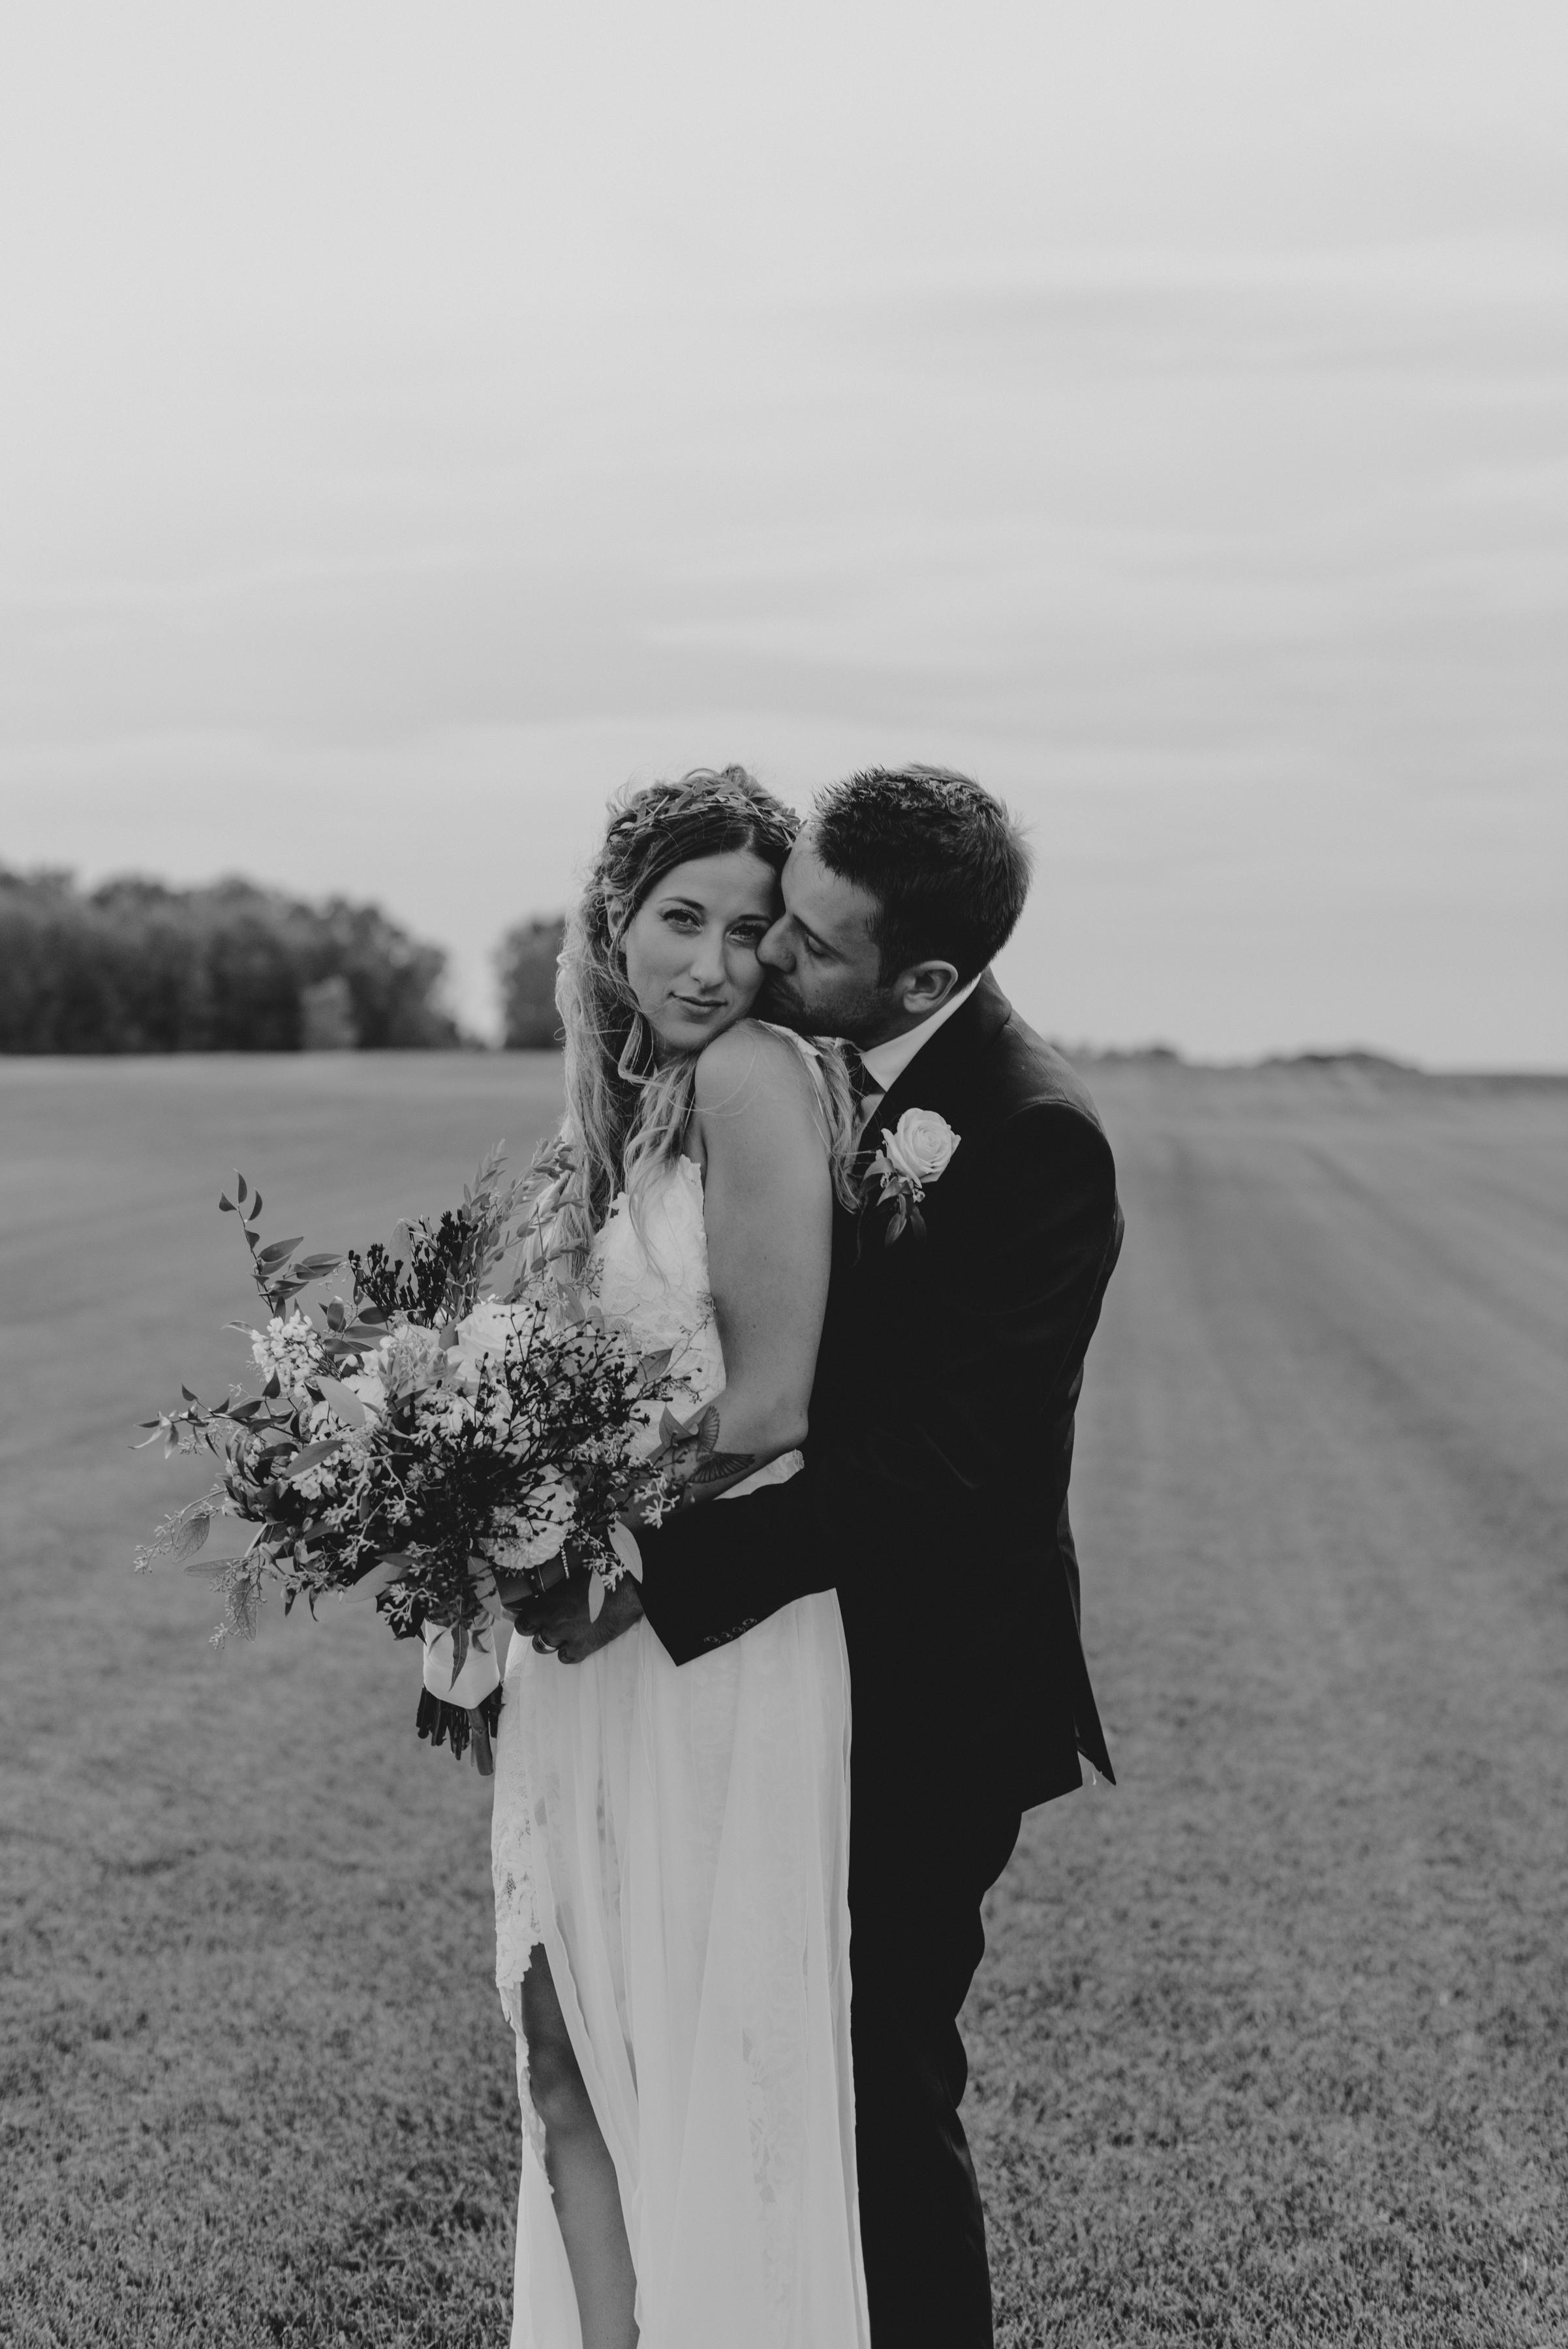 RosewoodWeddingPhotos-LondonWedding-KylieAlex-1435-SelfishThings-BohoFarmWedding-GraceLovesLace